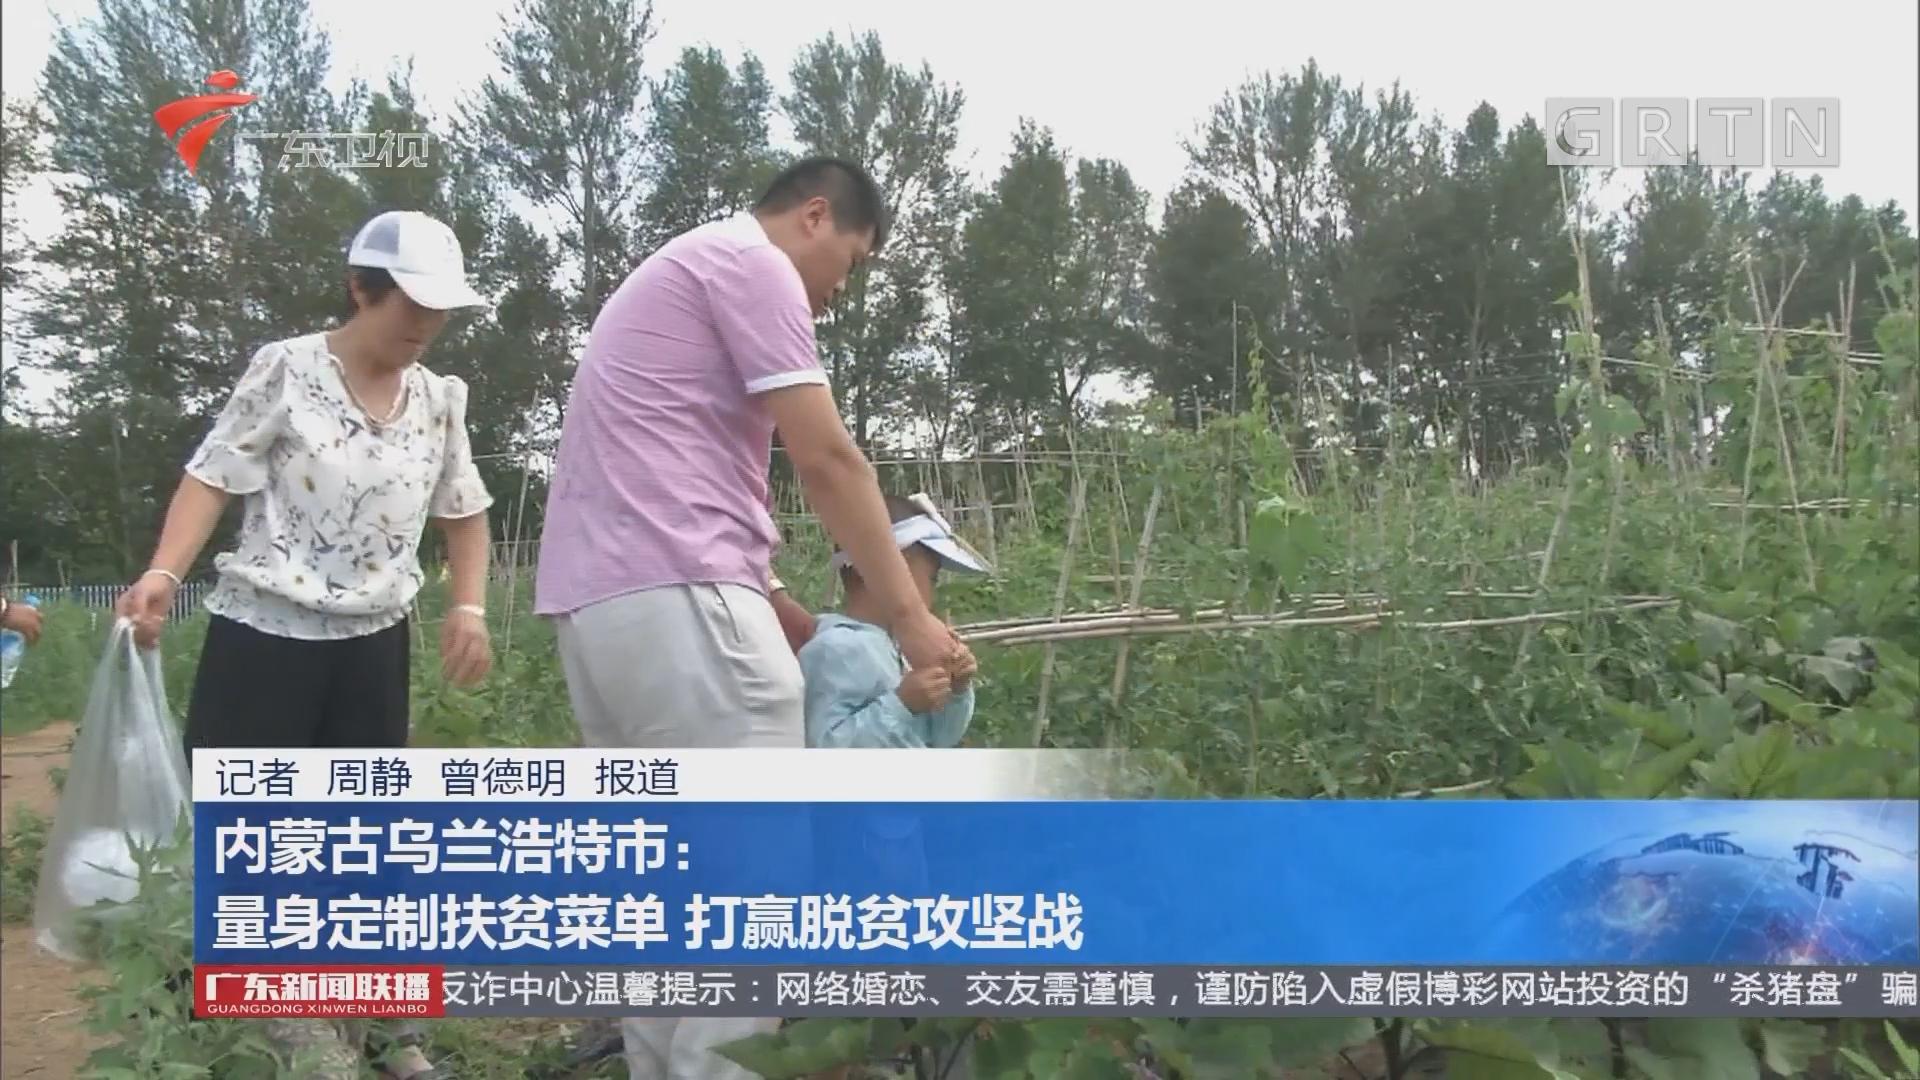 内蒙古乌兰浩特市:量身定制扶贫菜单 打赢脱贫攻坚战